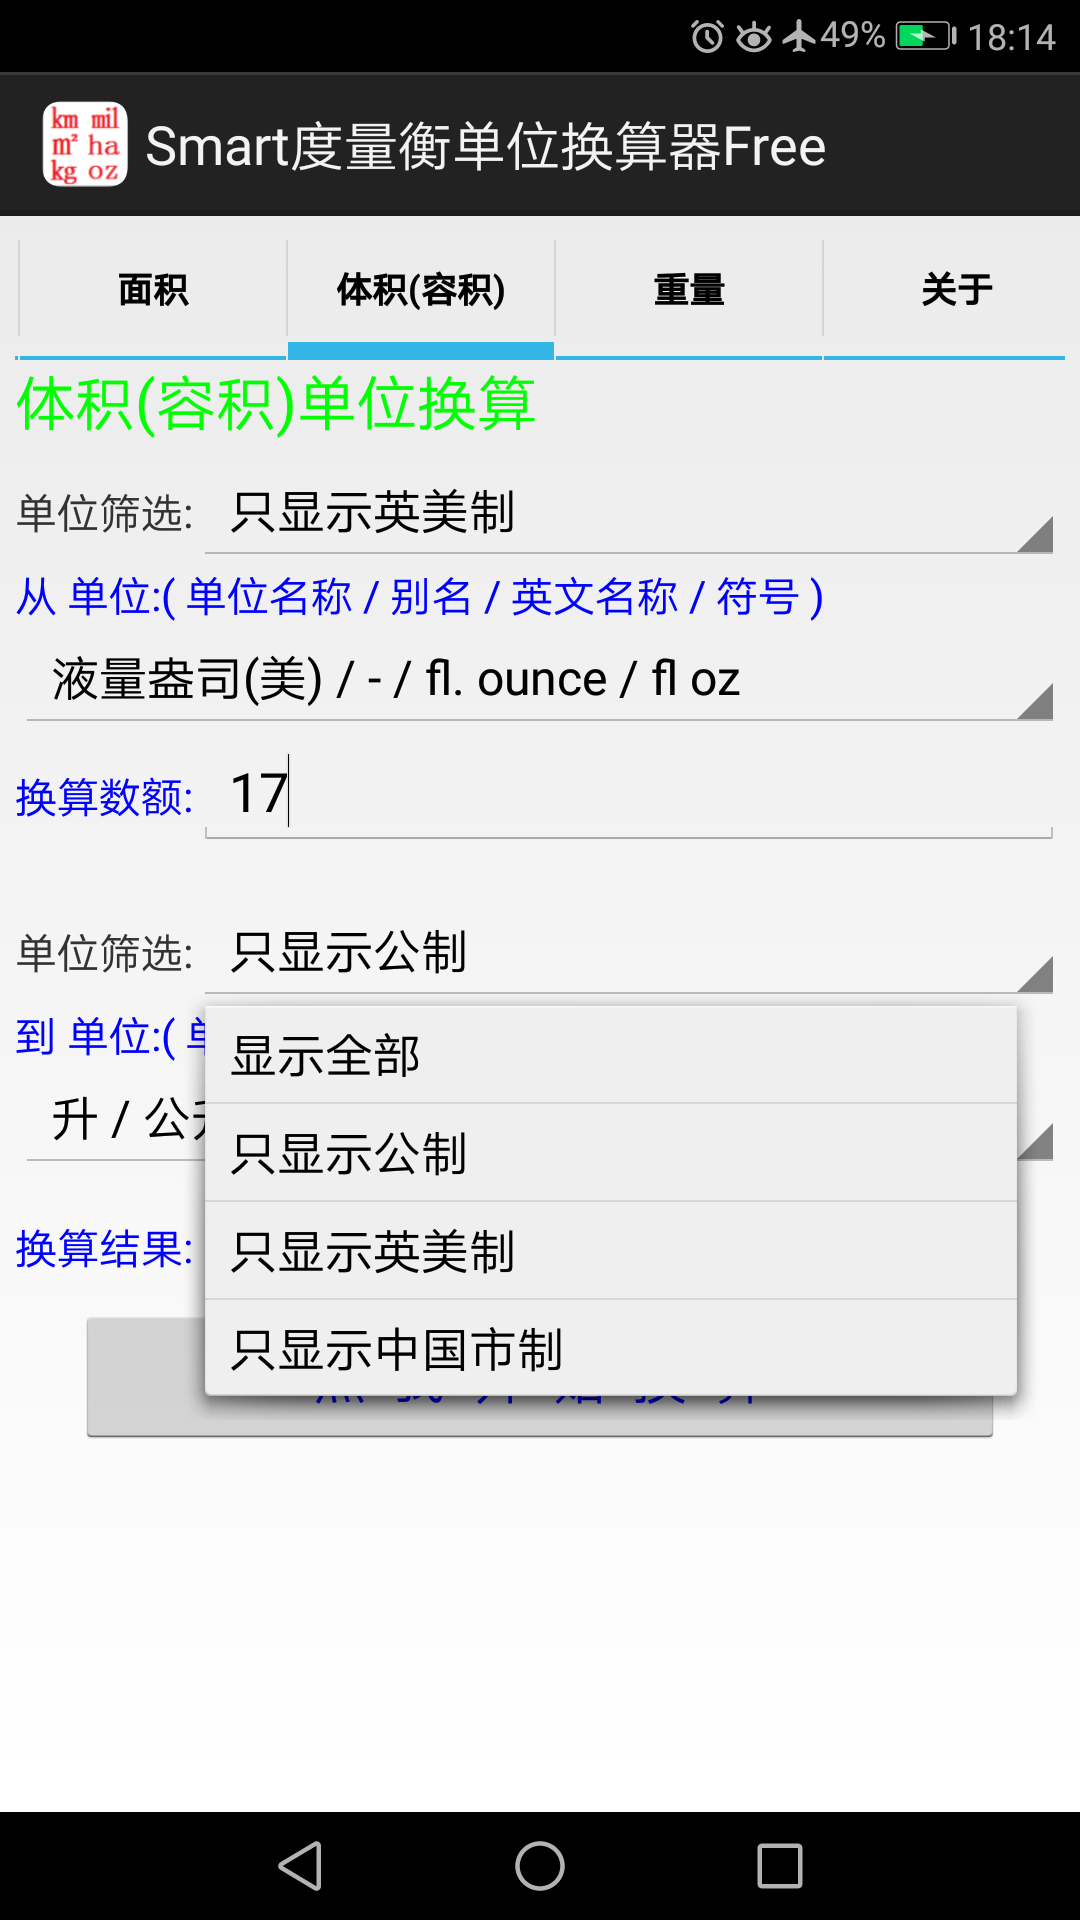 度量衡_free_filter.png